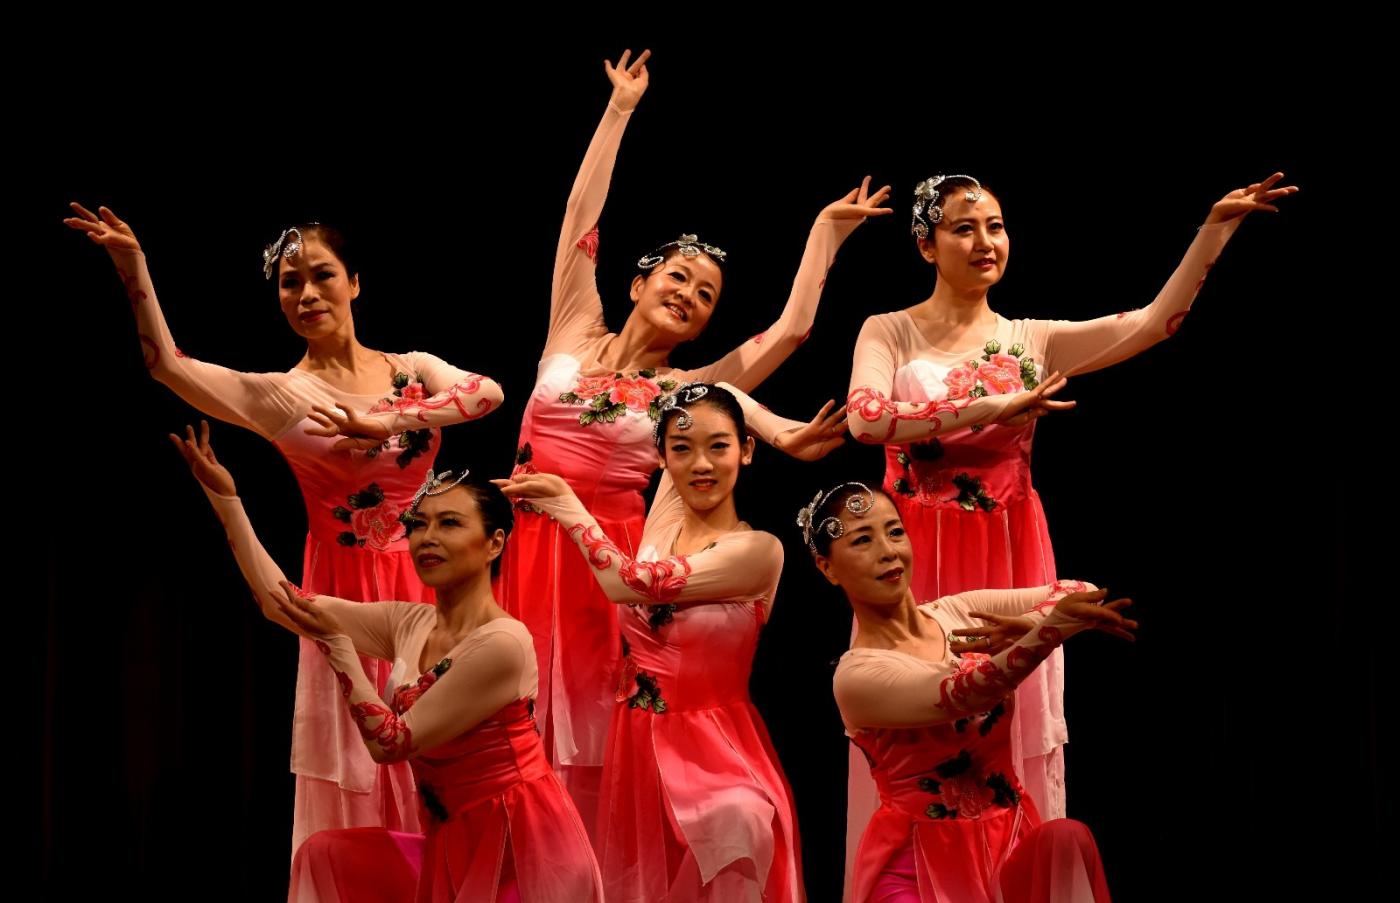 中国民歌集粹音乐会 (1)_图1-17